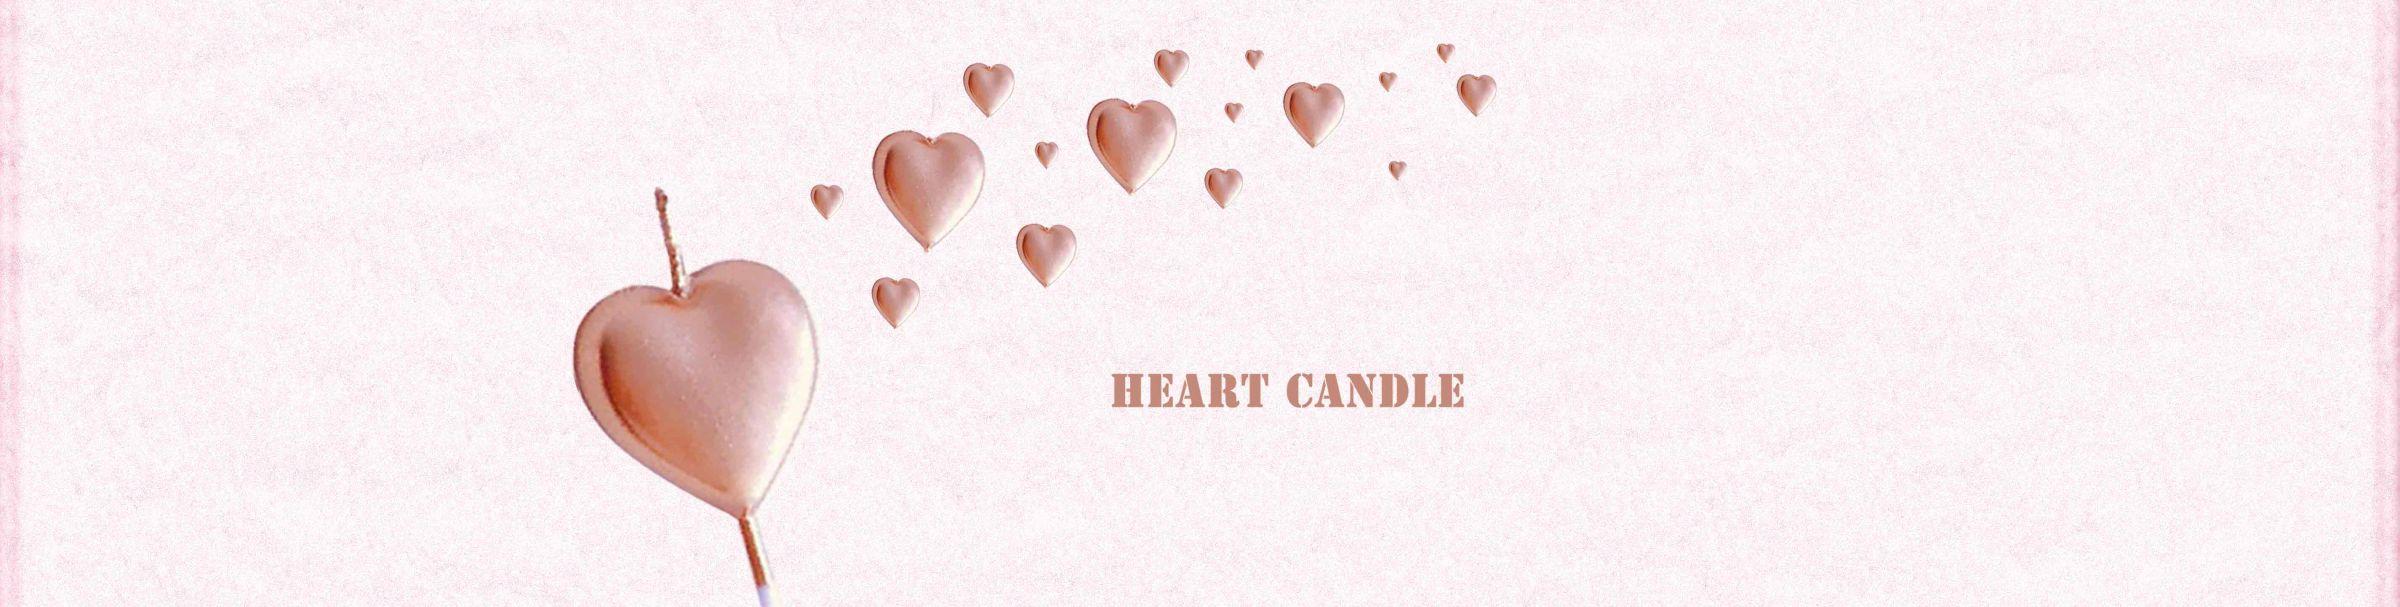 Nến bánh hình trái tim tổ chức một bữa tiệc với những điều lãng mạn